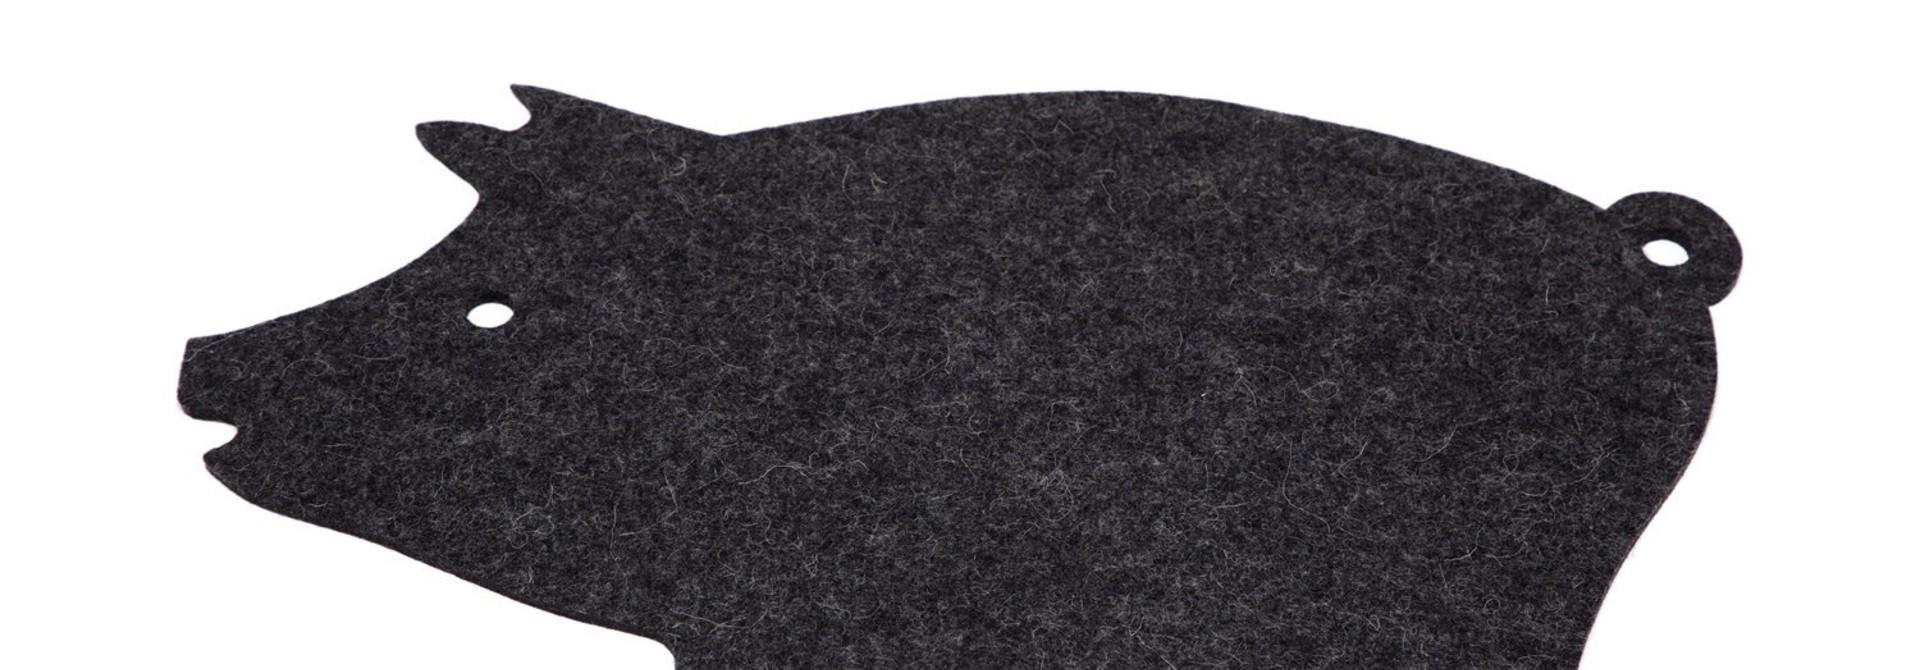 Trivet - Pig - Charcoal